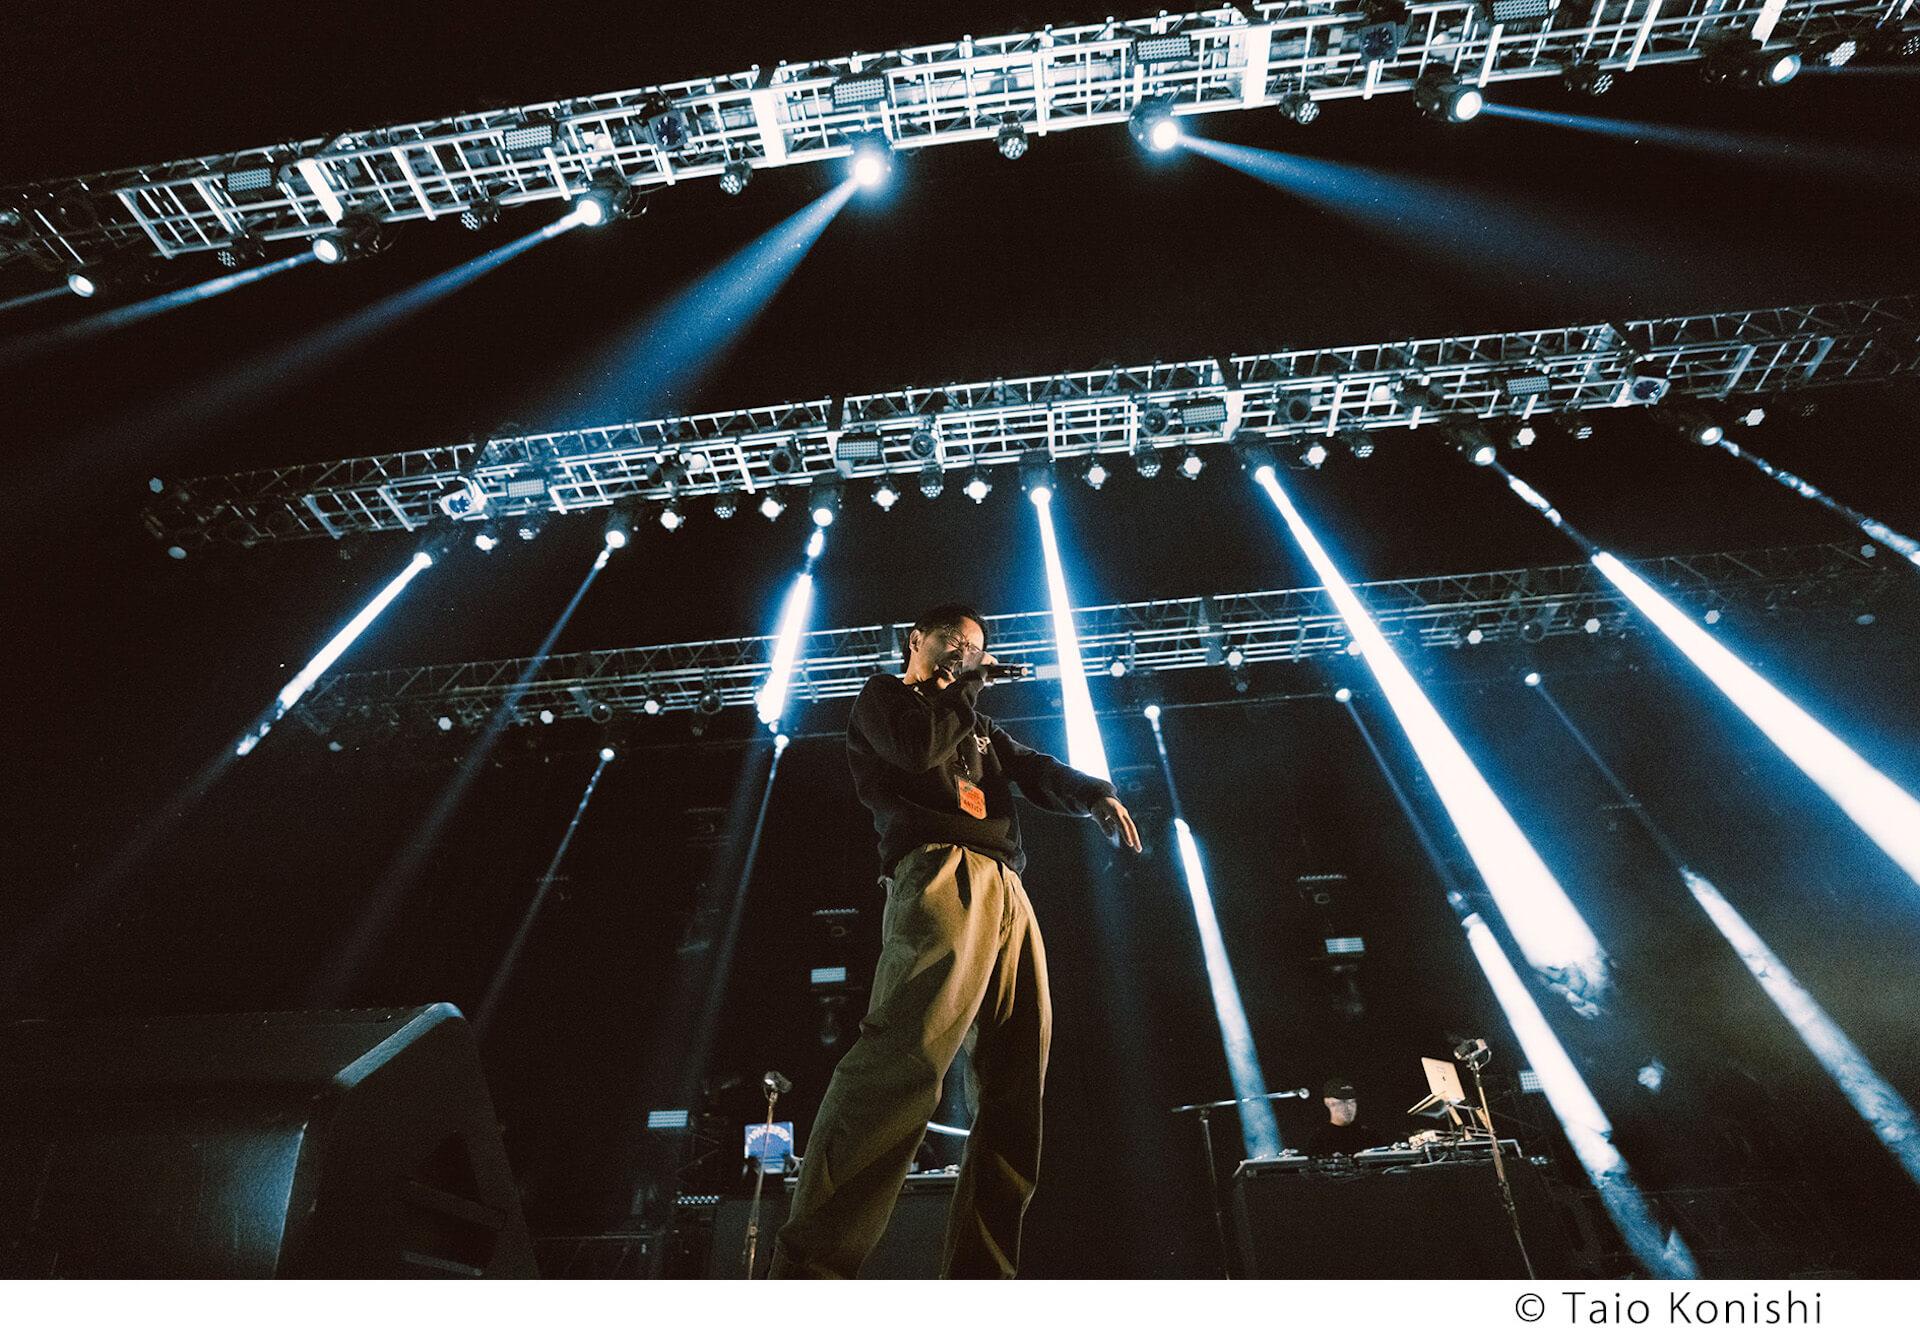 折坂悠太、カネコアヤノ、PUNPEEらが熱演!<KEEP ON FUJI ROCKIN' II >のオフィシャルレポートが公開 music210107_fujirock-017